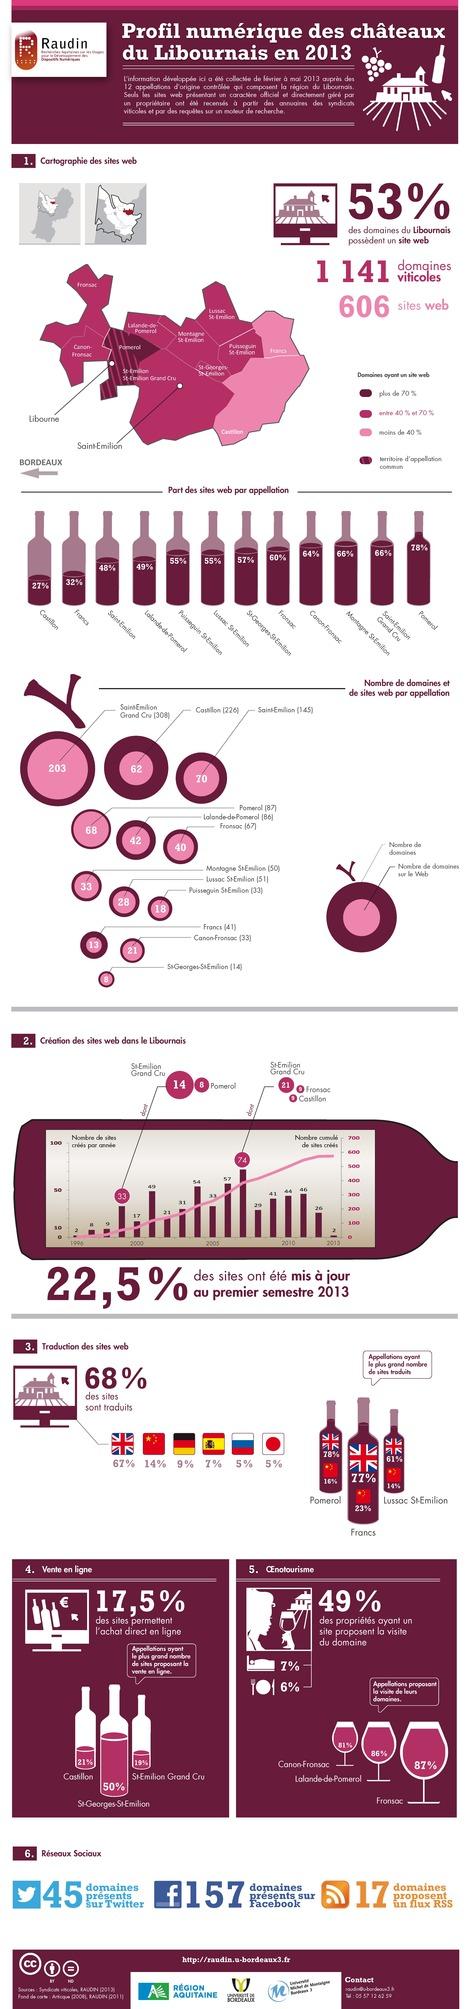 Profil numérique des châteaux du Libournais en 2013 | Tag 2D & Vins | Scoop.it